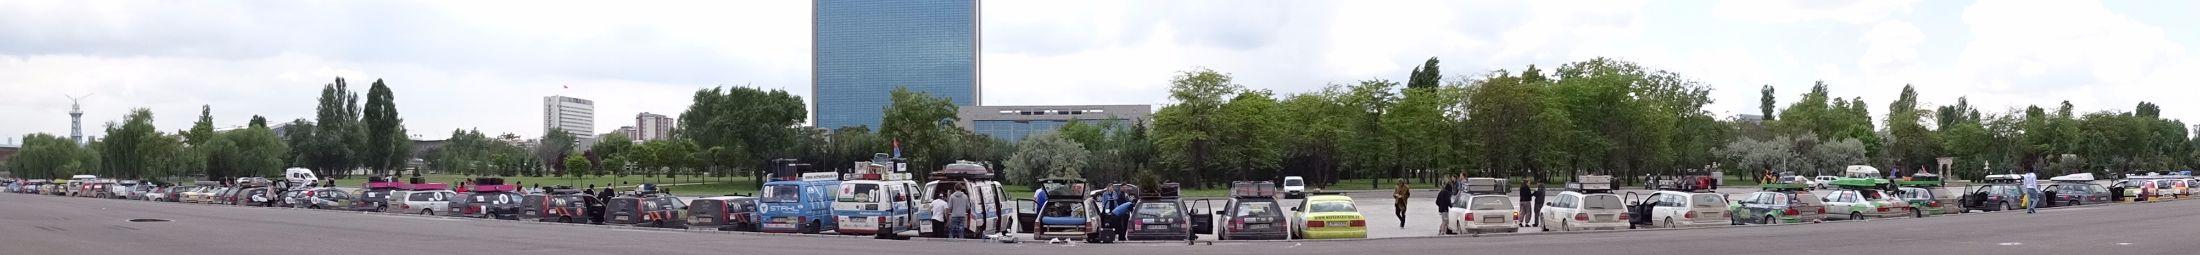 DSC01617 Panorama